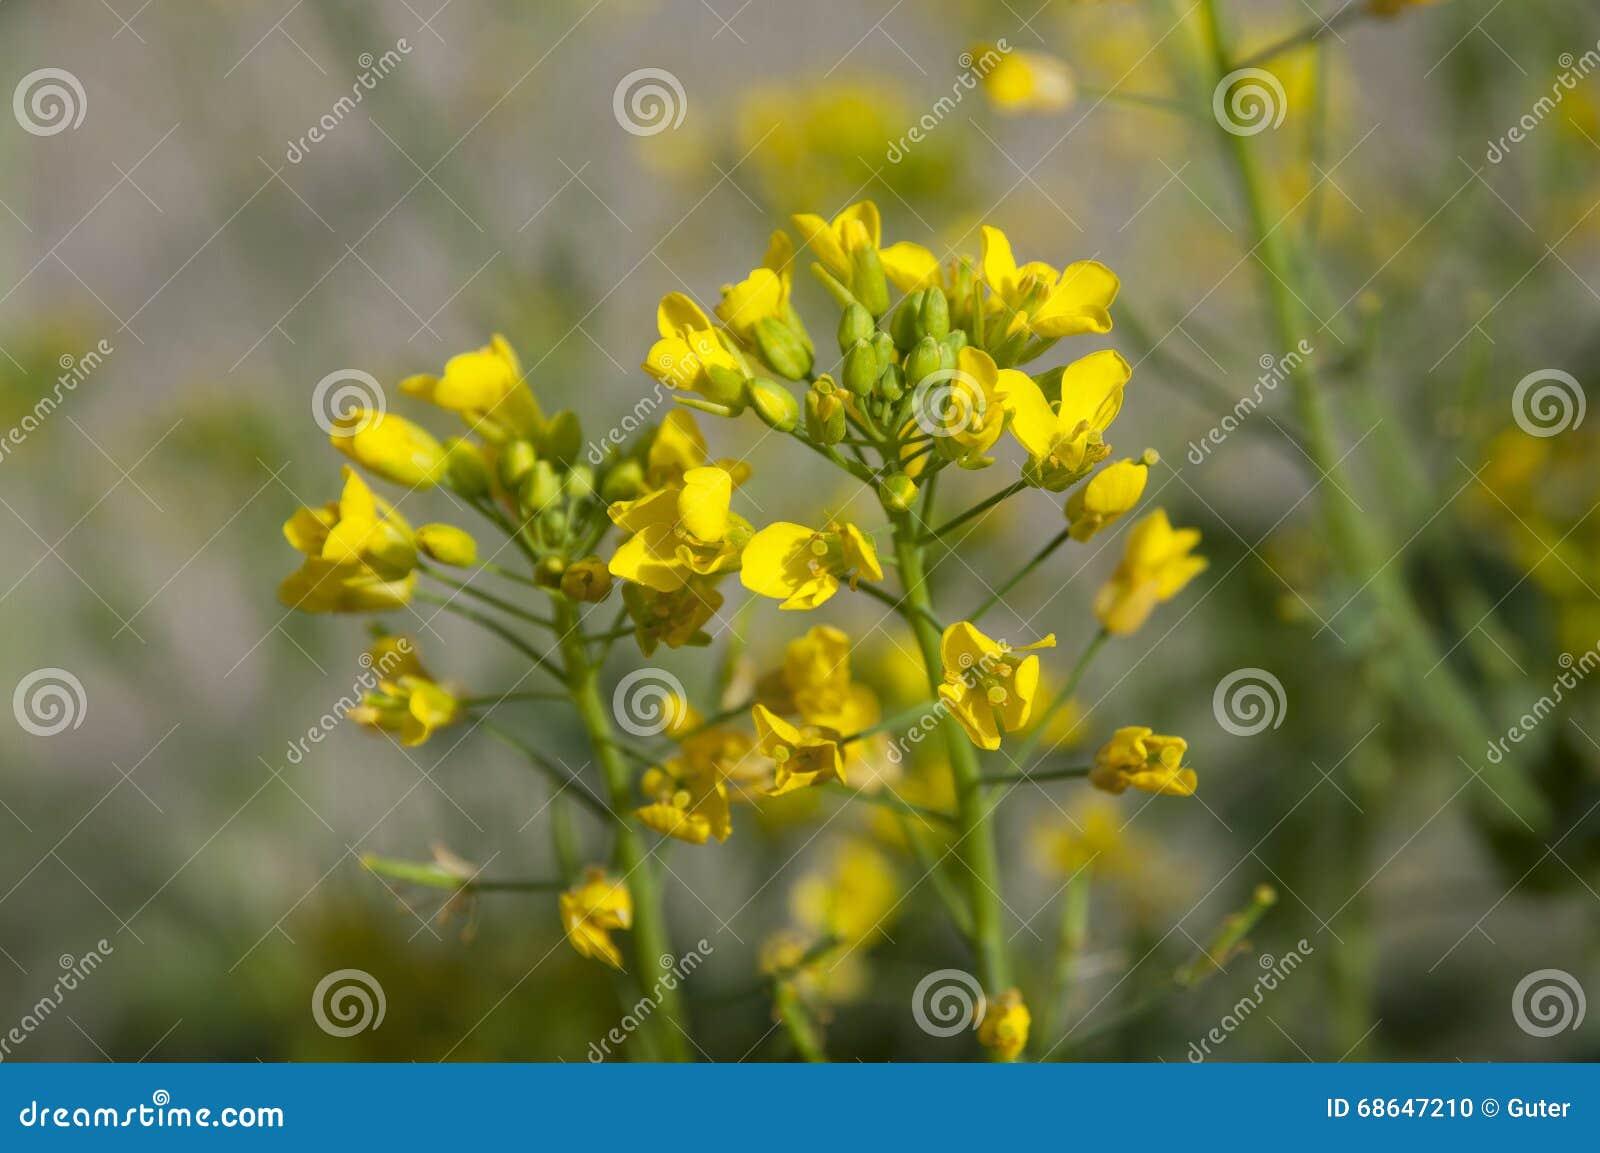 Mustard yellow flowers stock photo image of blossom 68647210 close up of mustard yellow flowers mightylinksfo